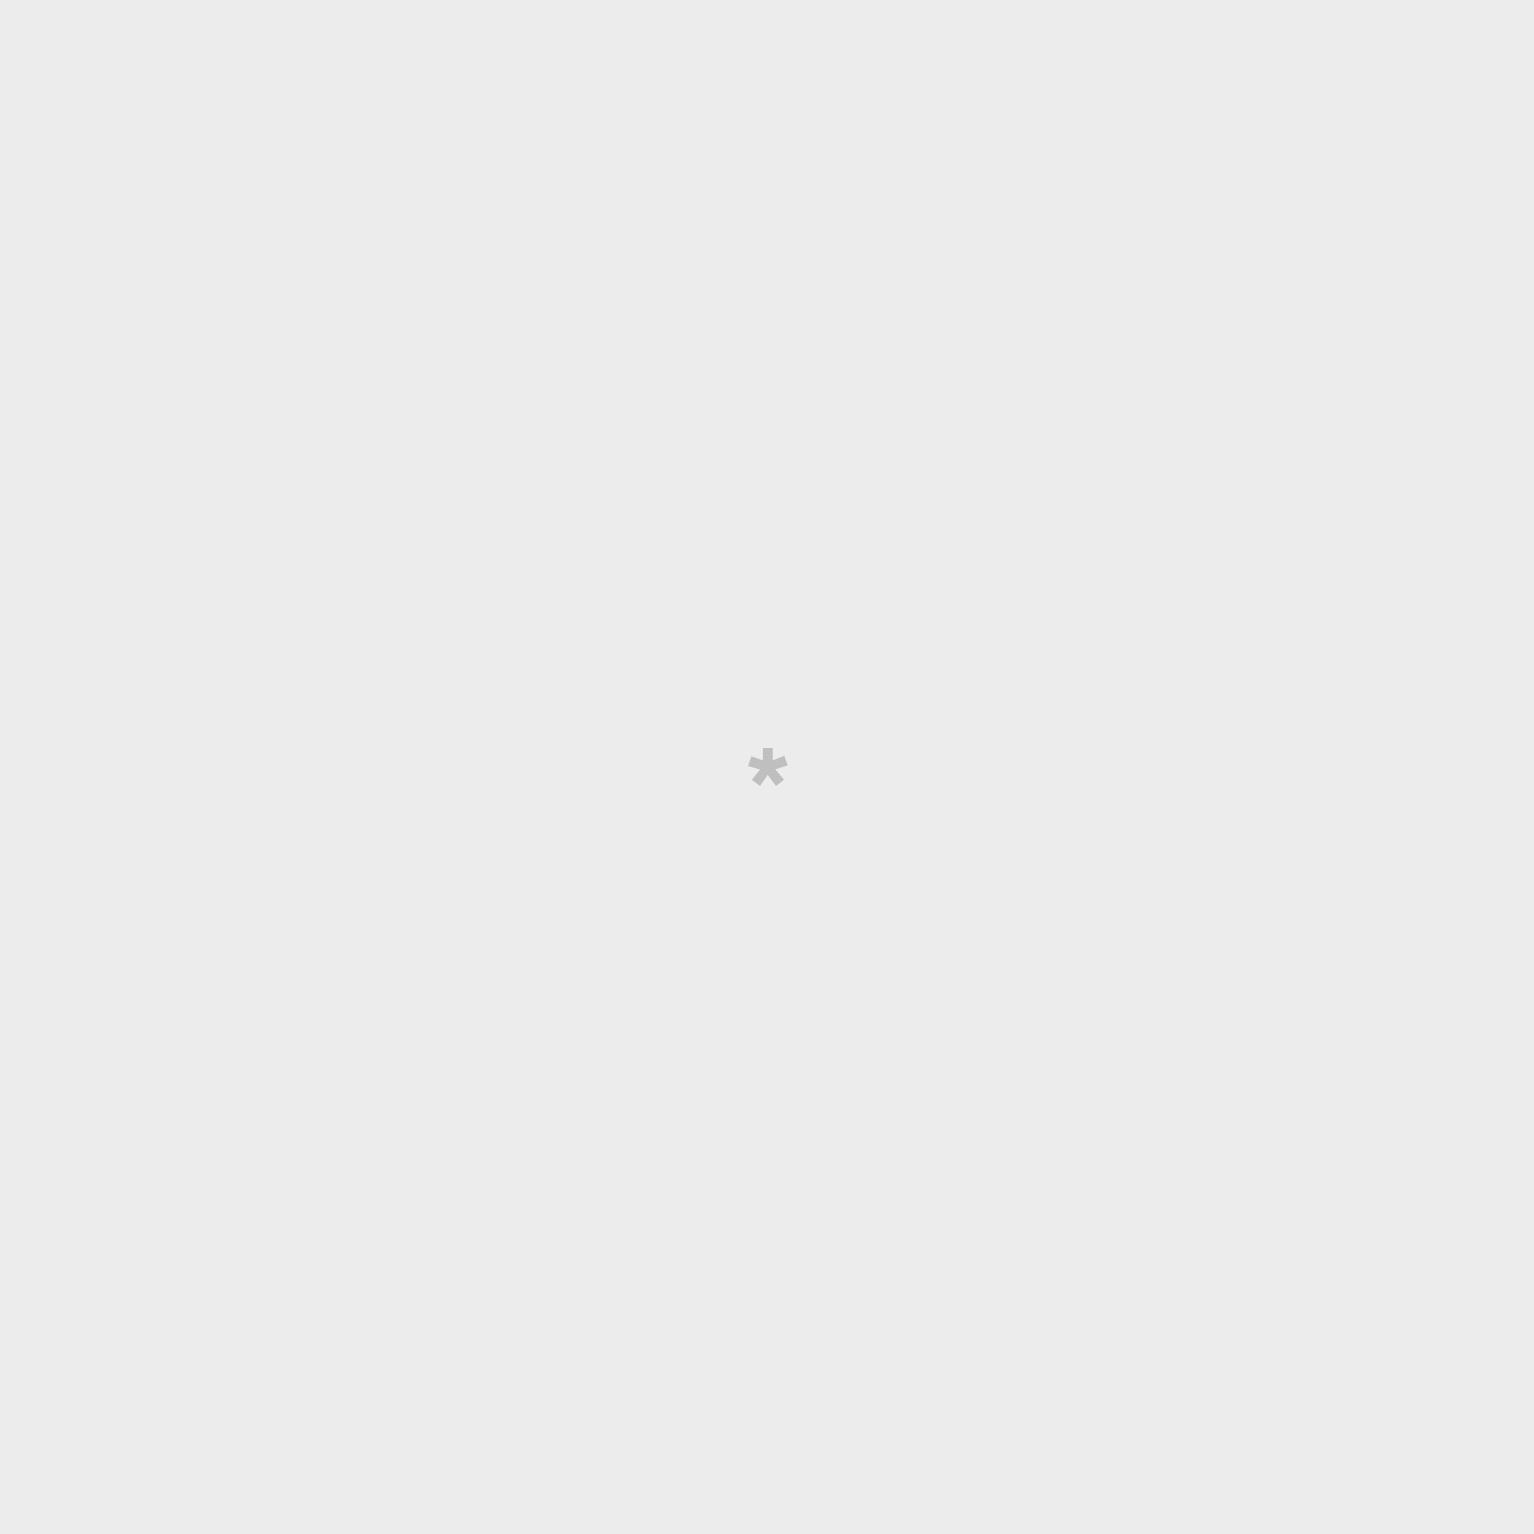 Agenda clásica 2022 Semanal - 365 días y un millón de planes